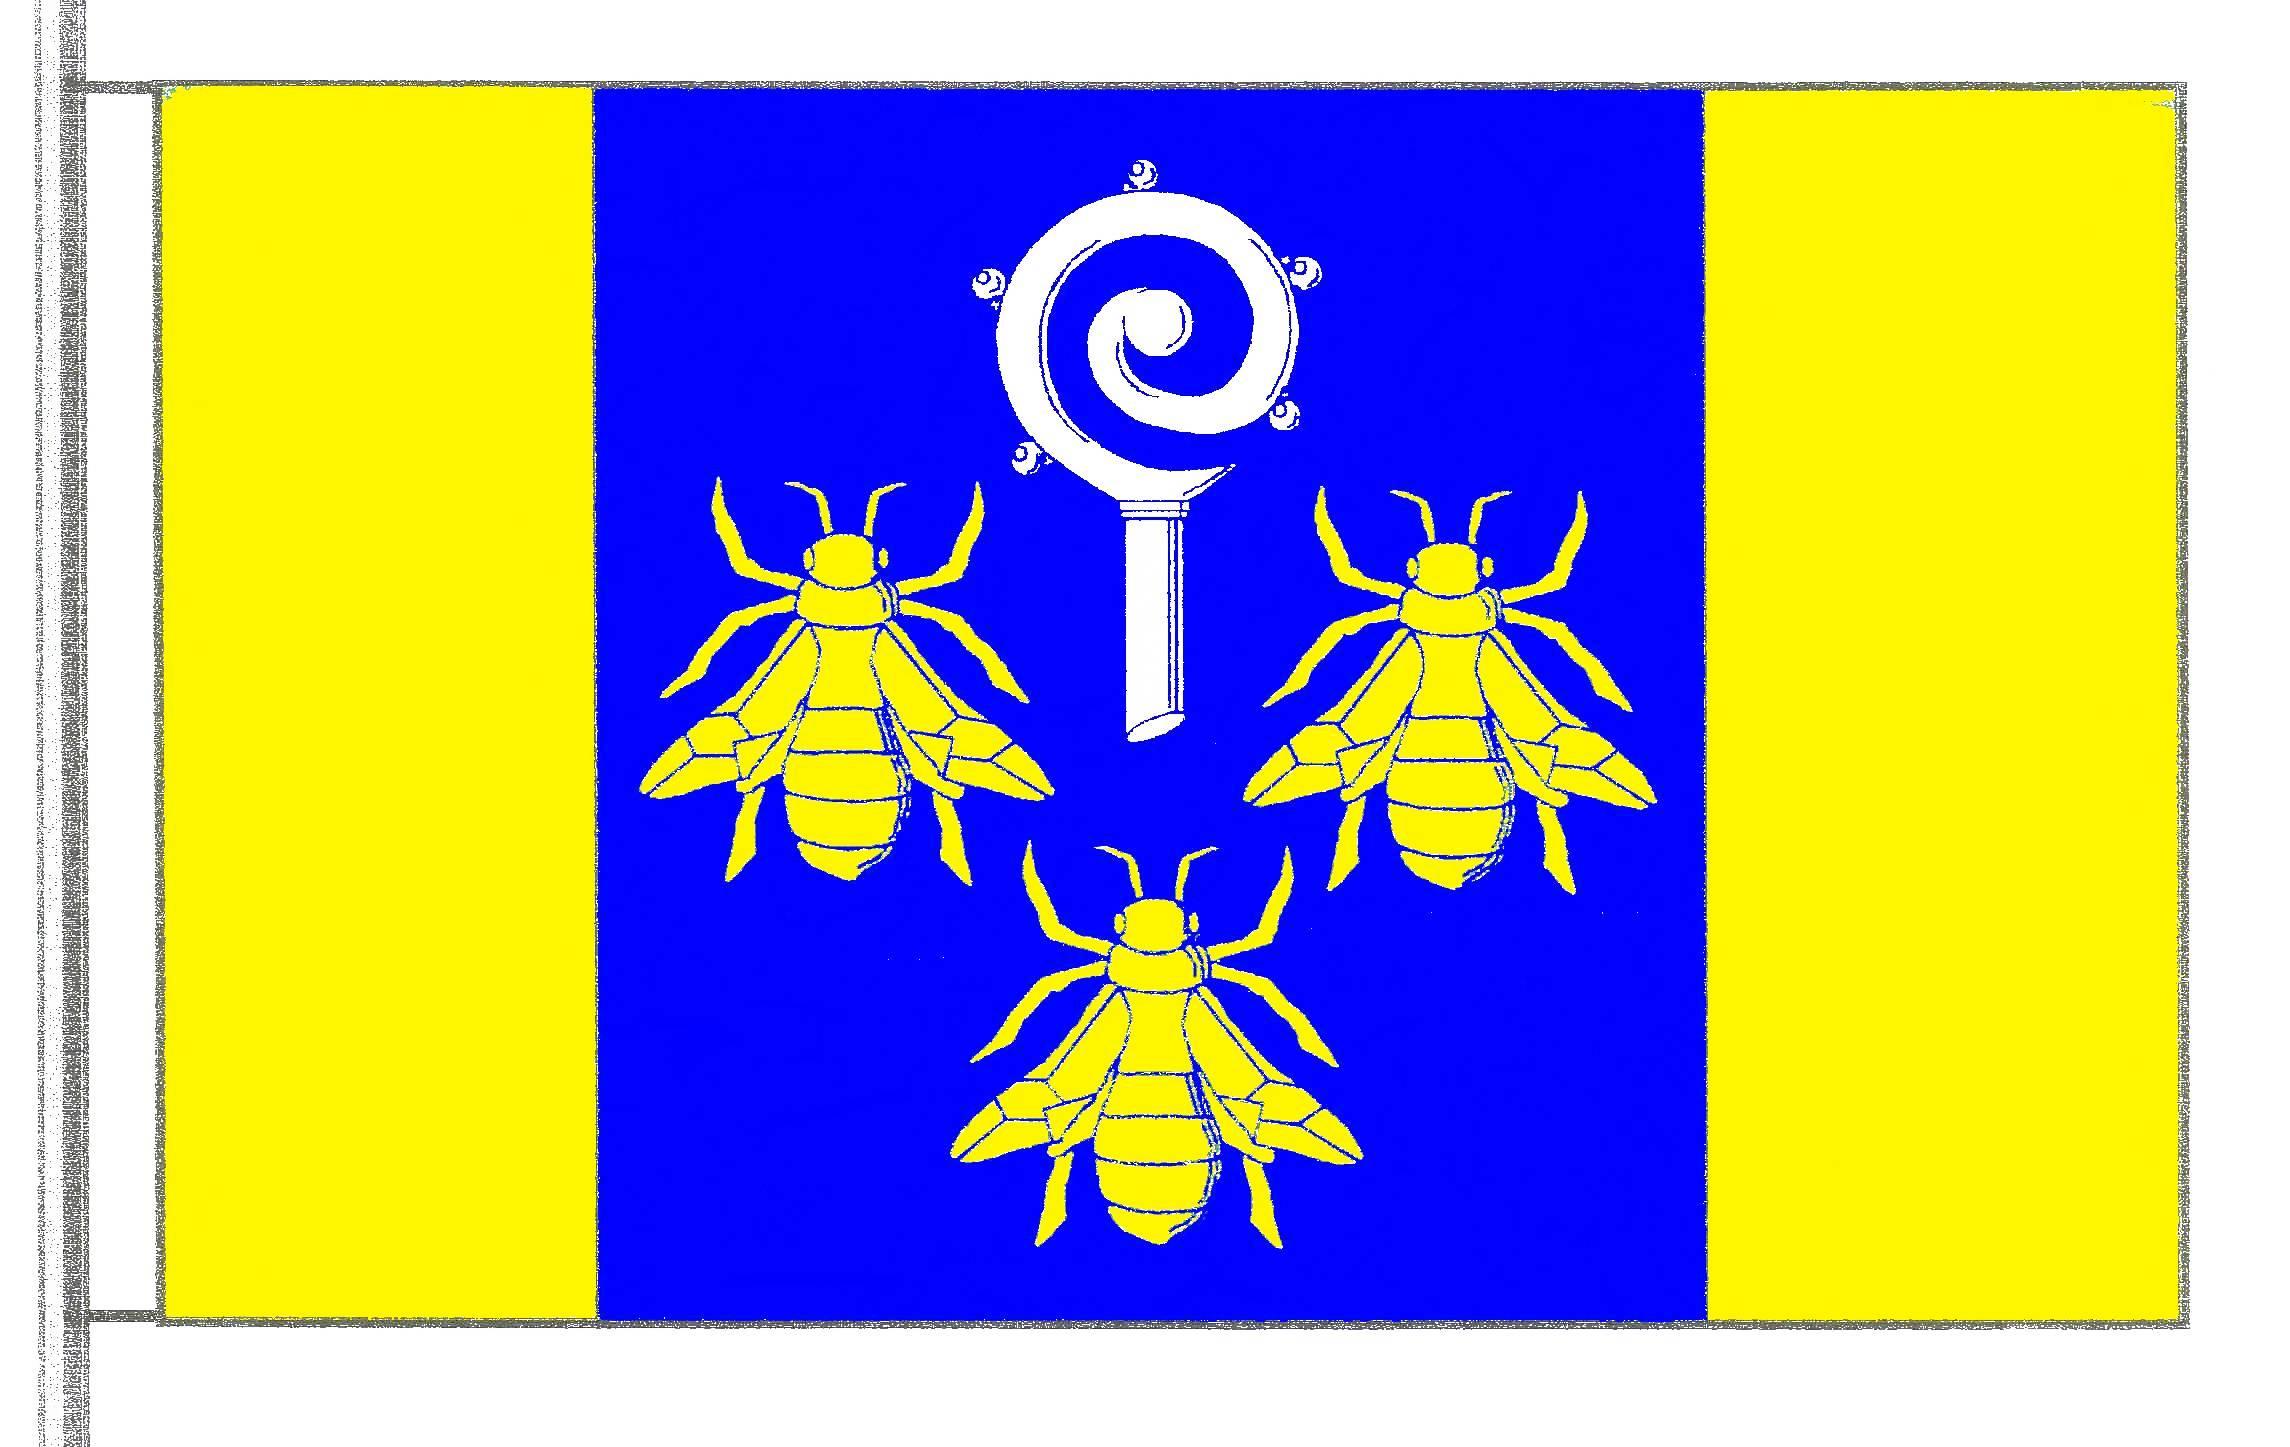 Flagge GemeindeHonigsee, Kreis Plön